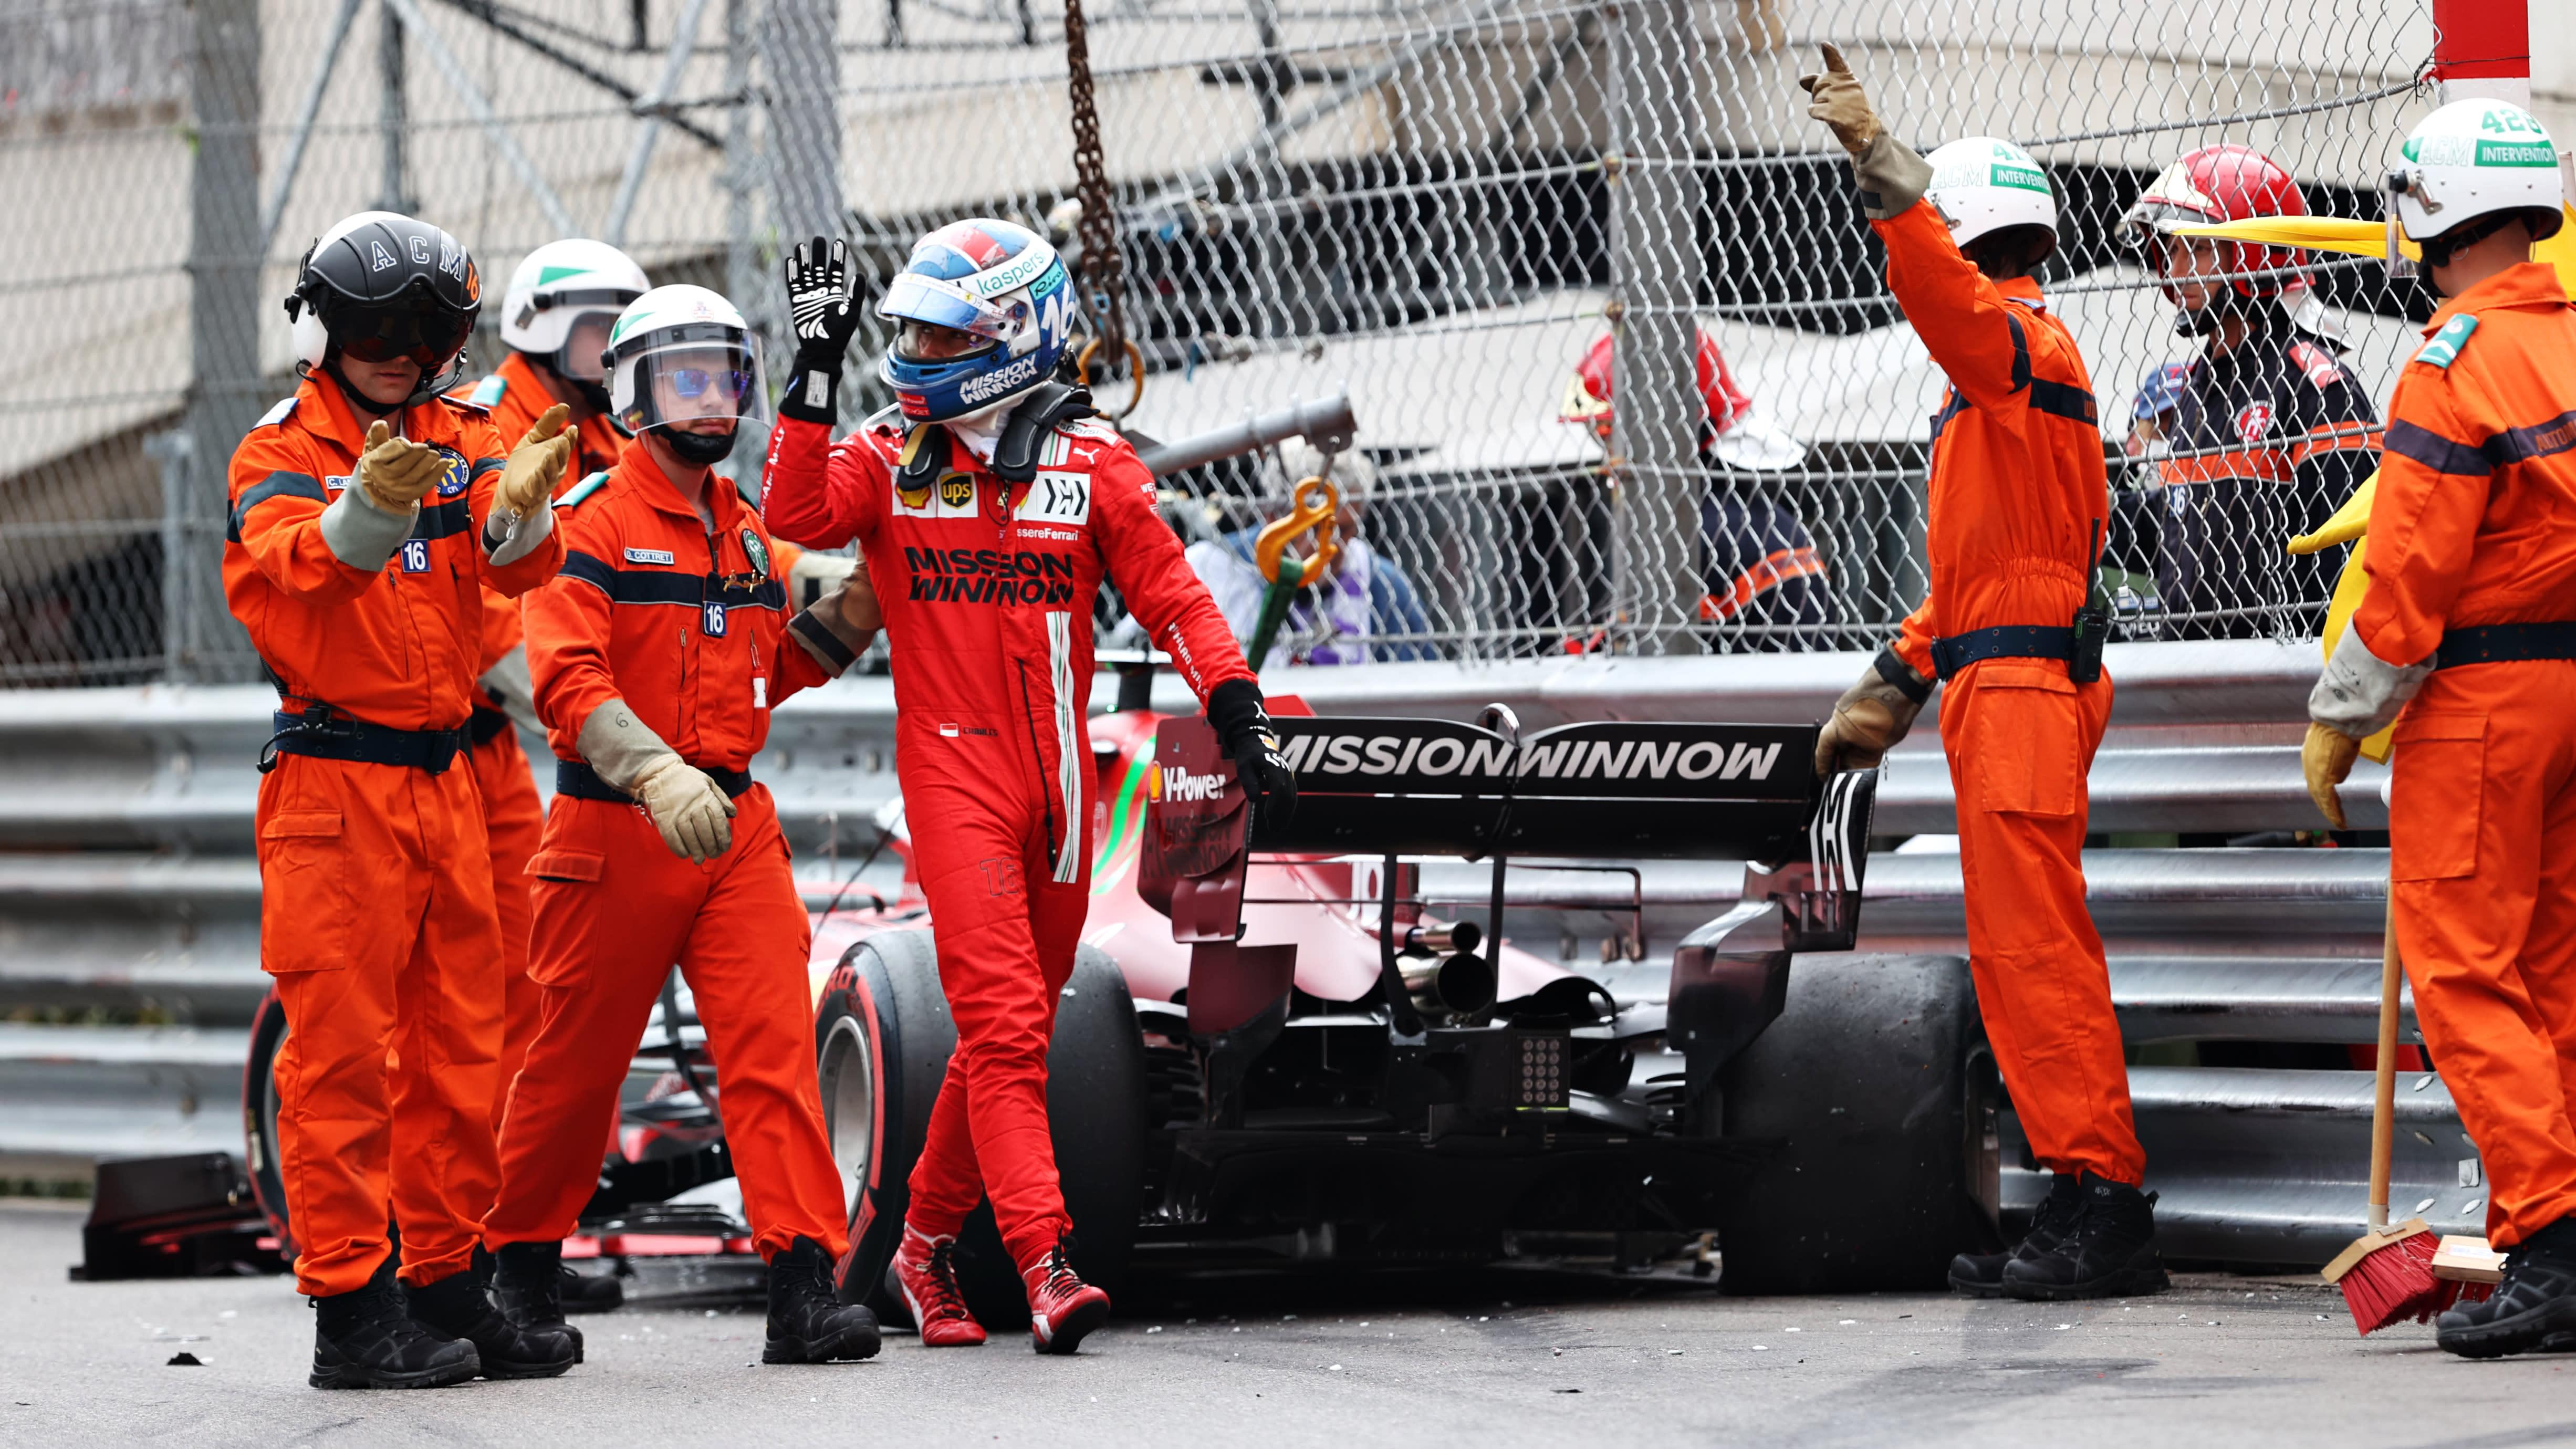 Seinään ajanut Charles Leclerc nousseena autostaan Monacon aika-ajoissa. Leclercin ympärillä parveilee ratavirkailijoita.